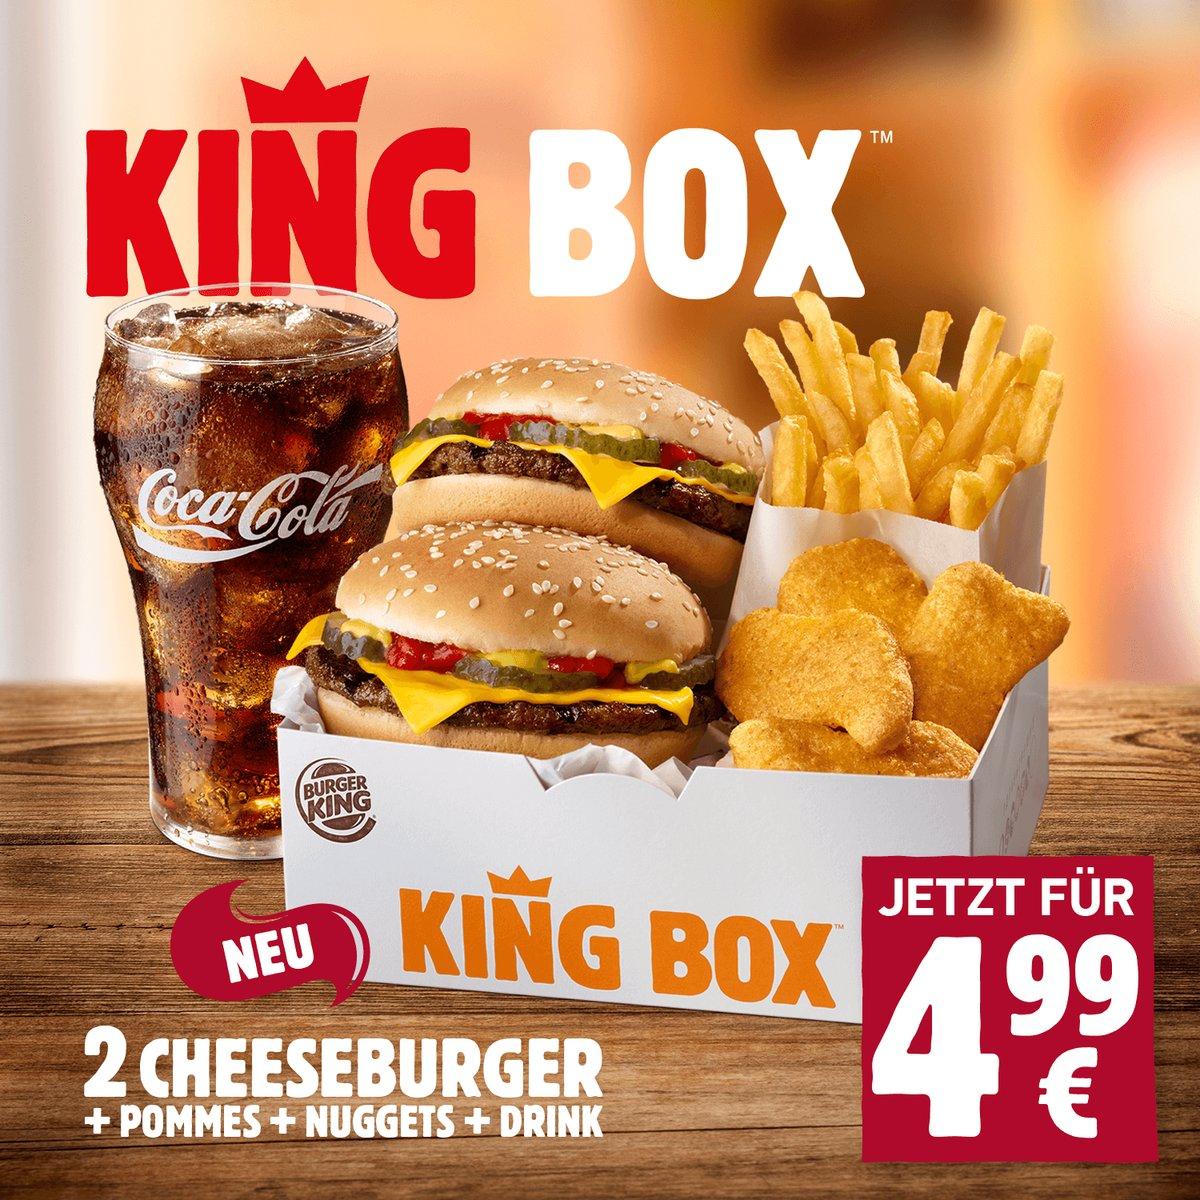 Die Wahnsinns King Box von Burger King für 4,99 €